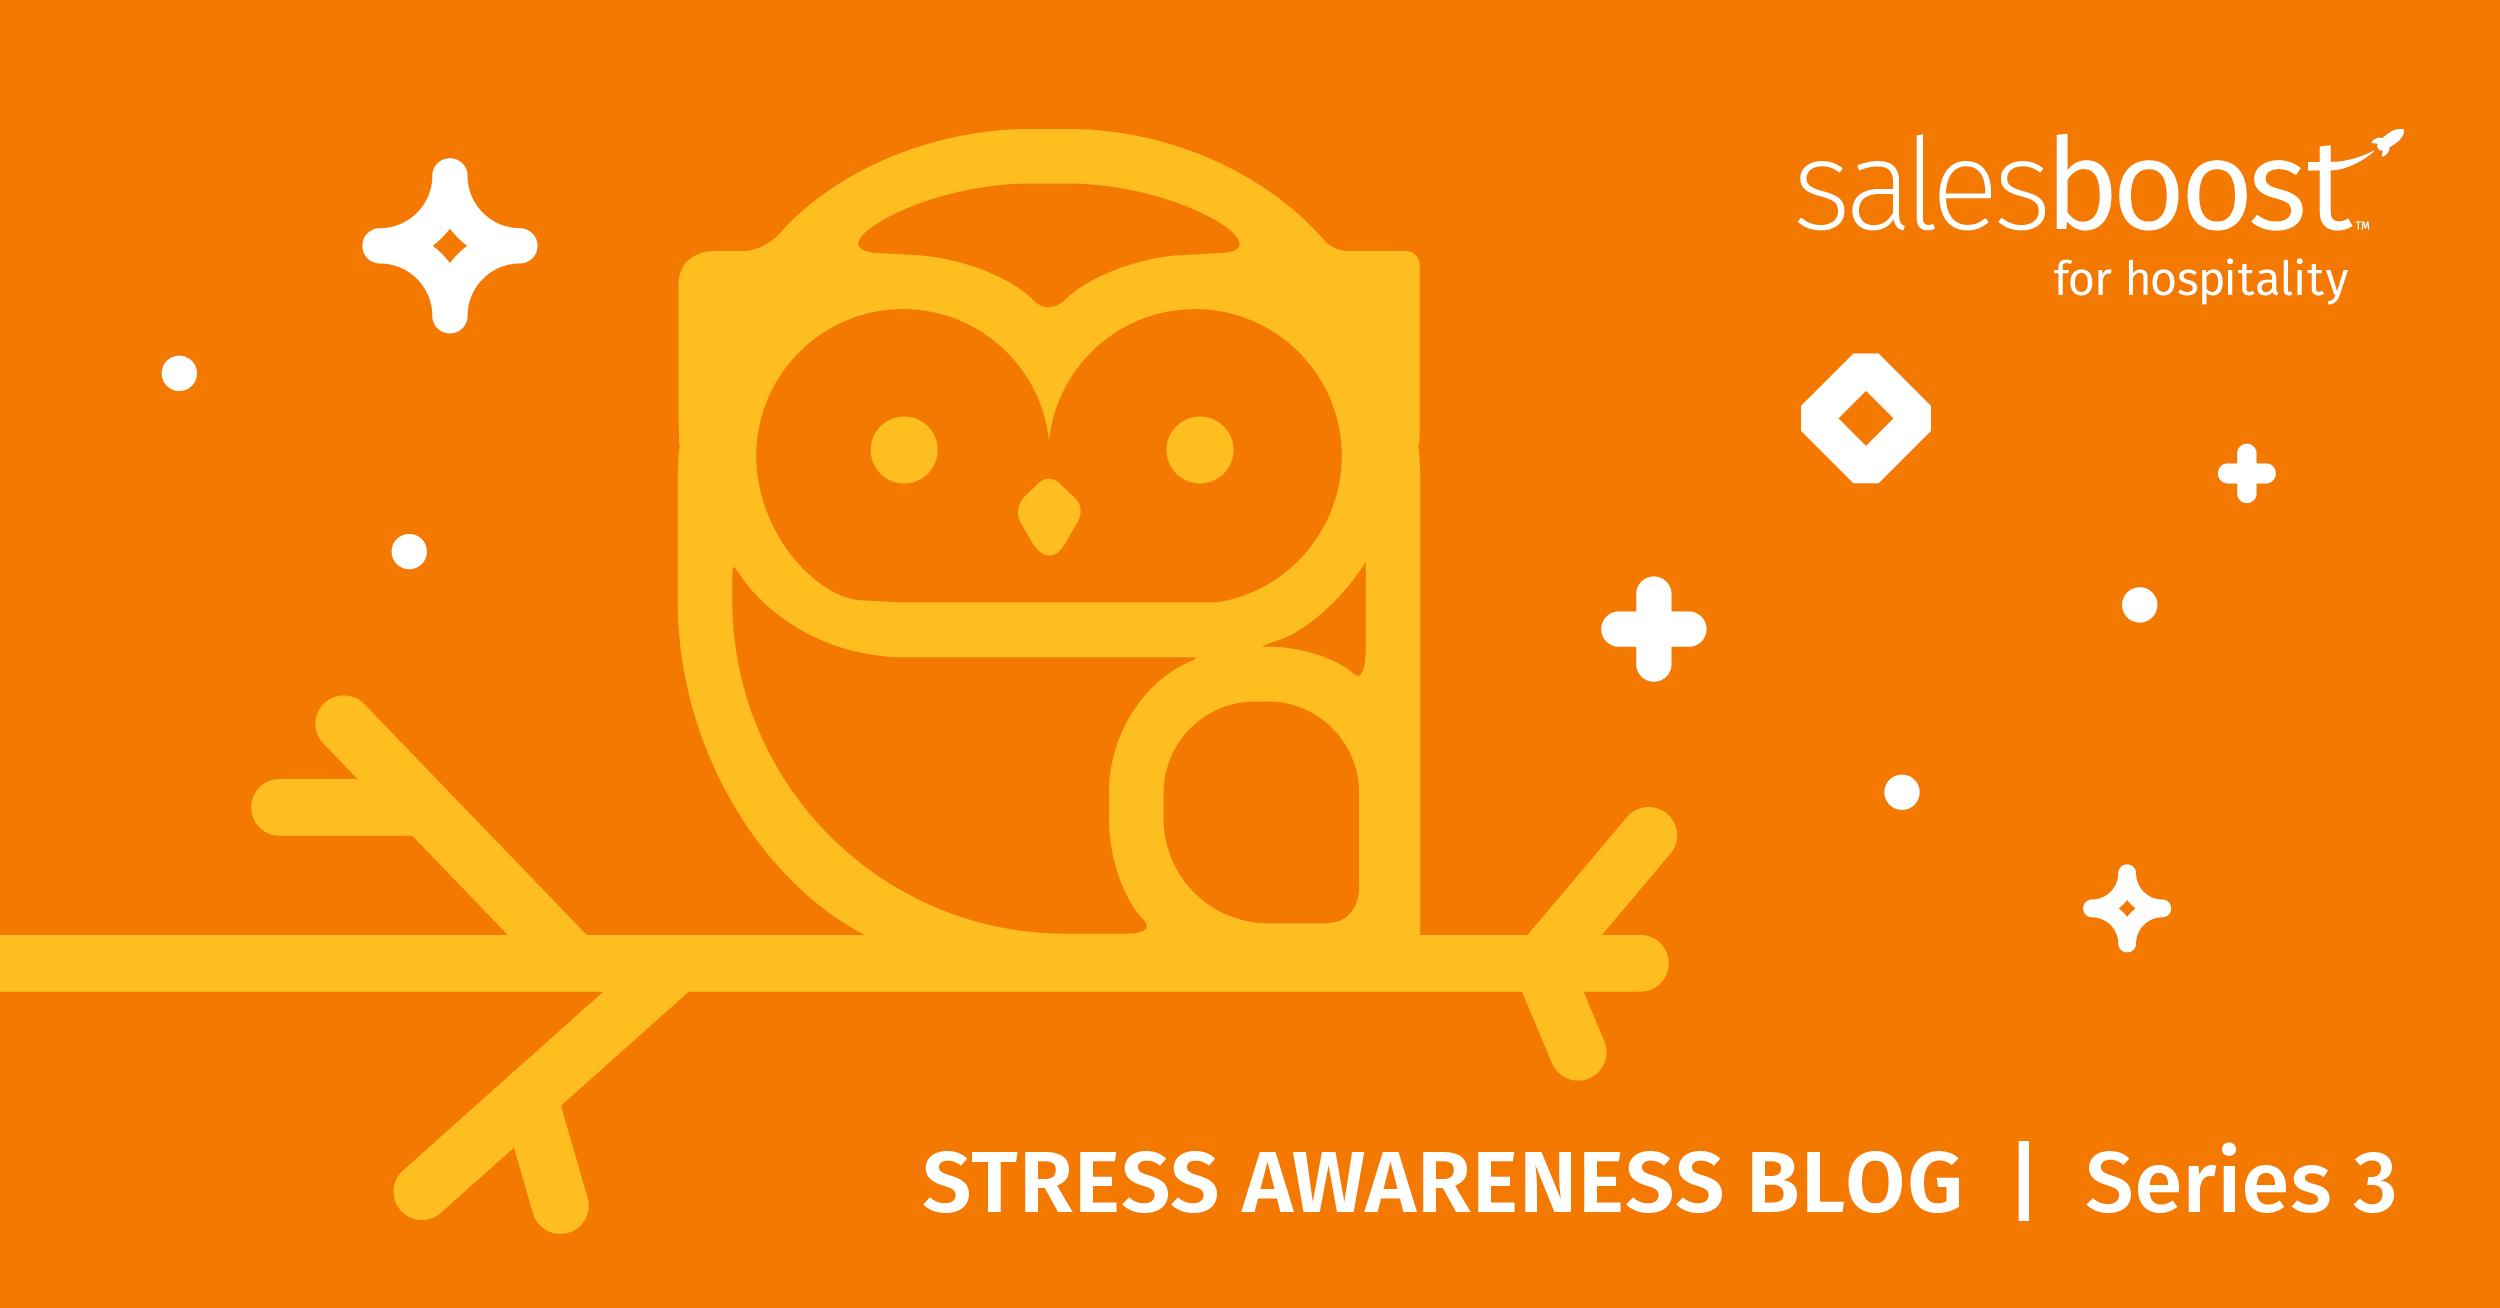 SB_StressAwareness_Post_1200x628_0417_3